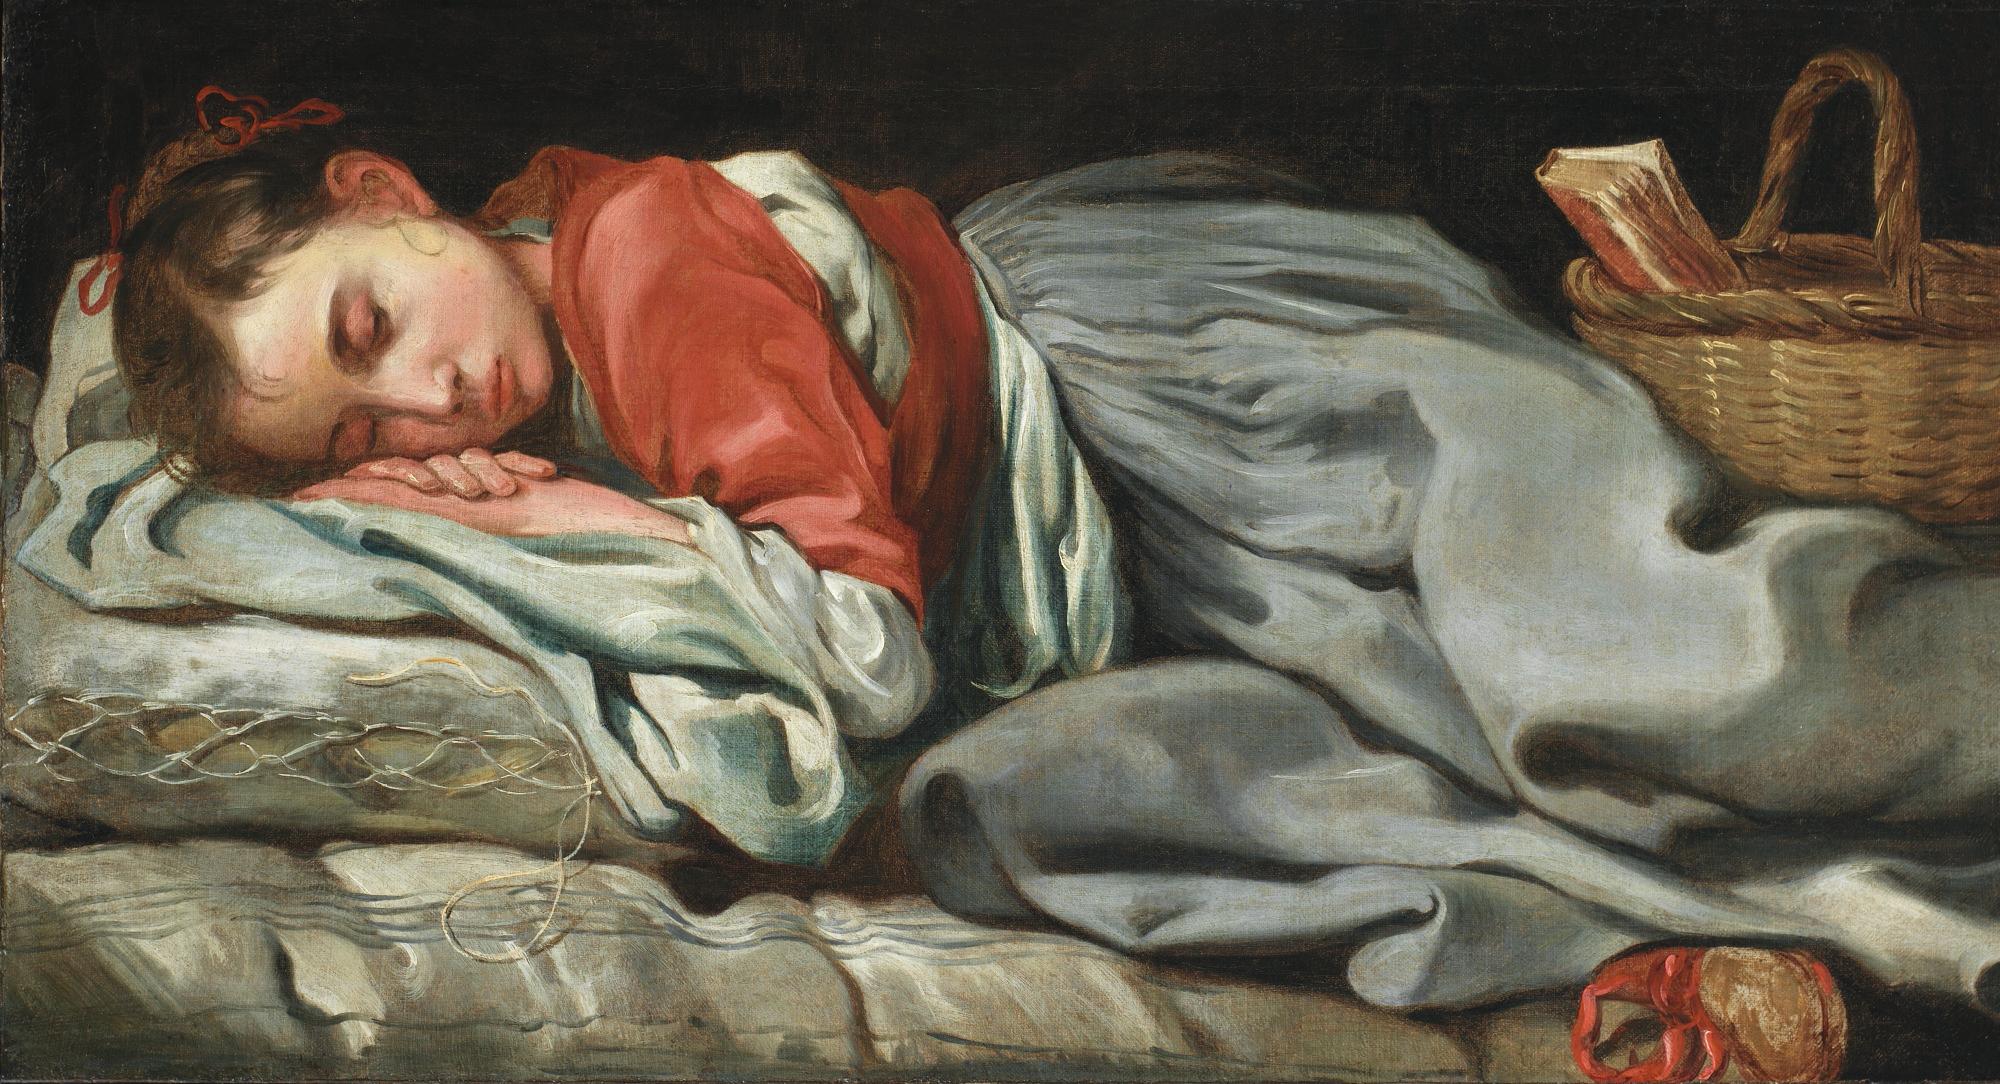 Короткий сон позбавляє людину радості